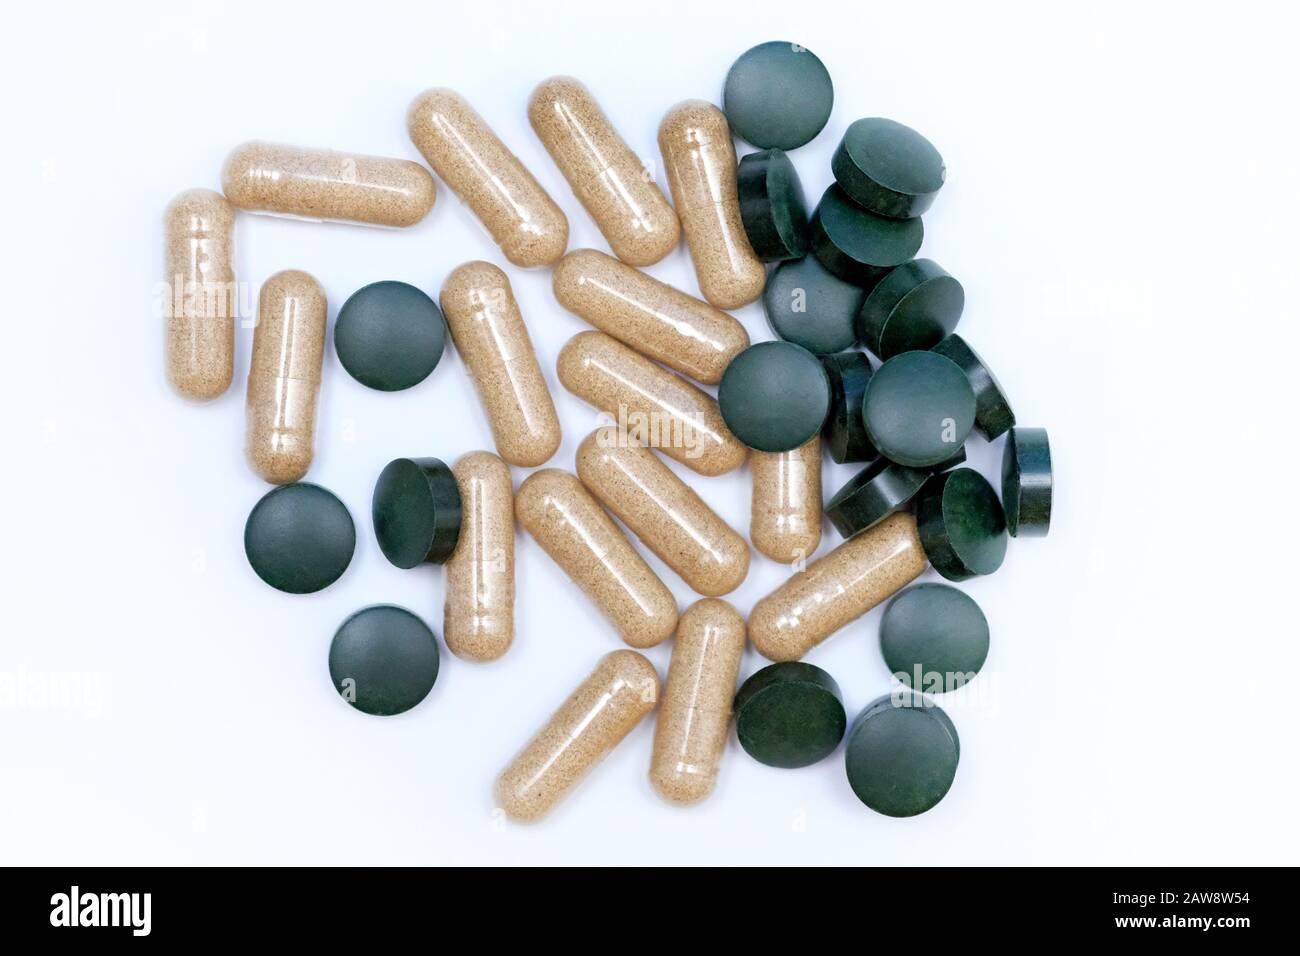 Pilules et capsules rondes vertes vue de dessus. Compléments alimentaires en comprimés. Capsules d'aloès et de chlorella en comprimés sur fond blanc. L'utilisation d'algues Banque D'Images